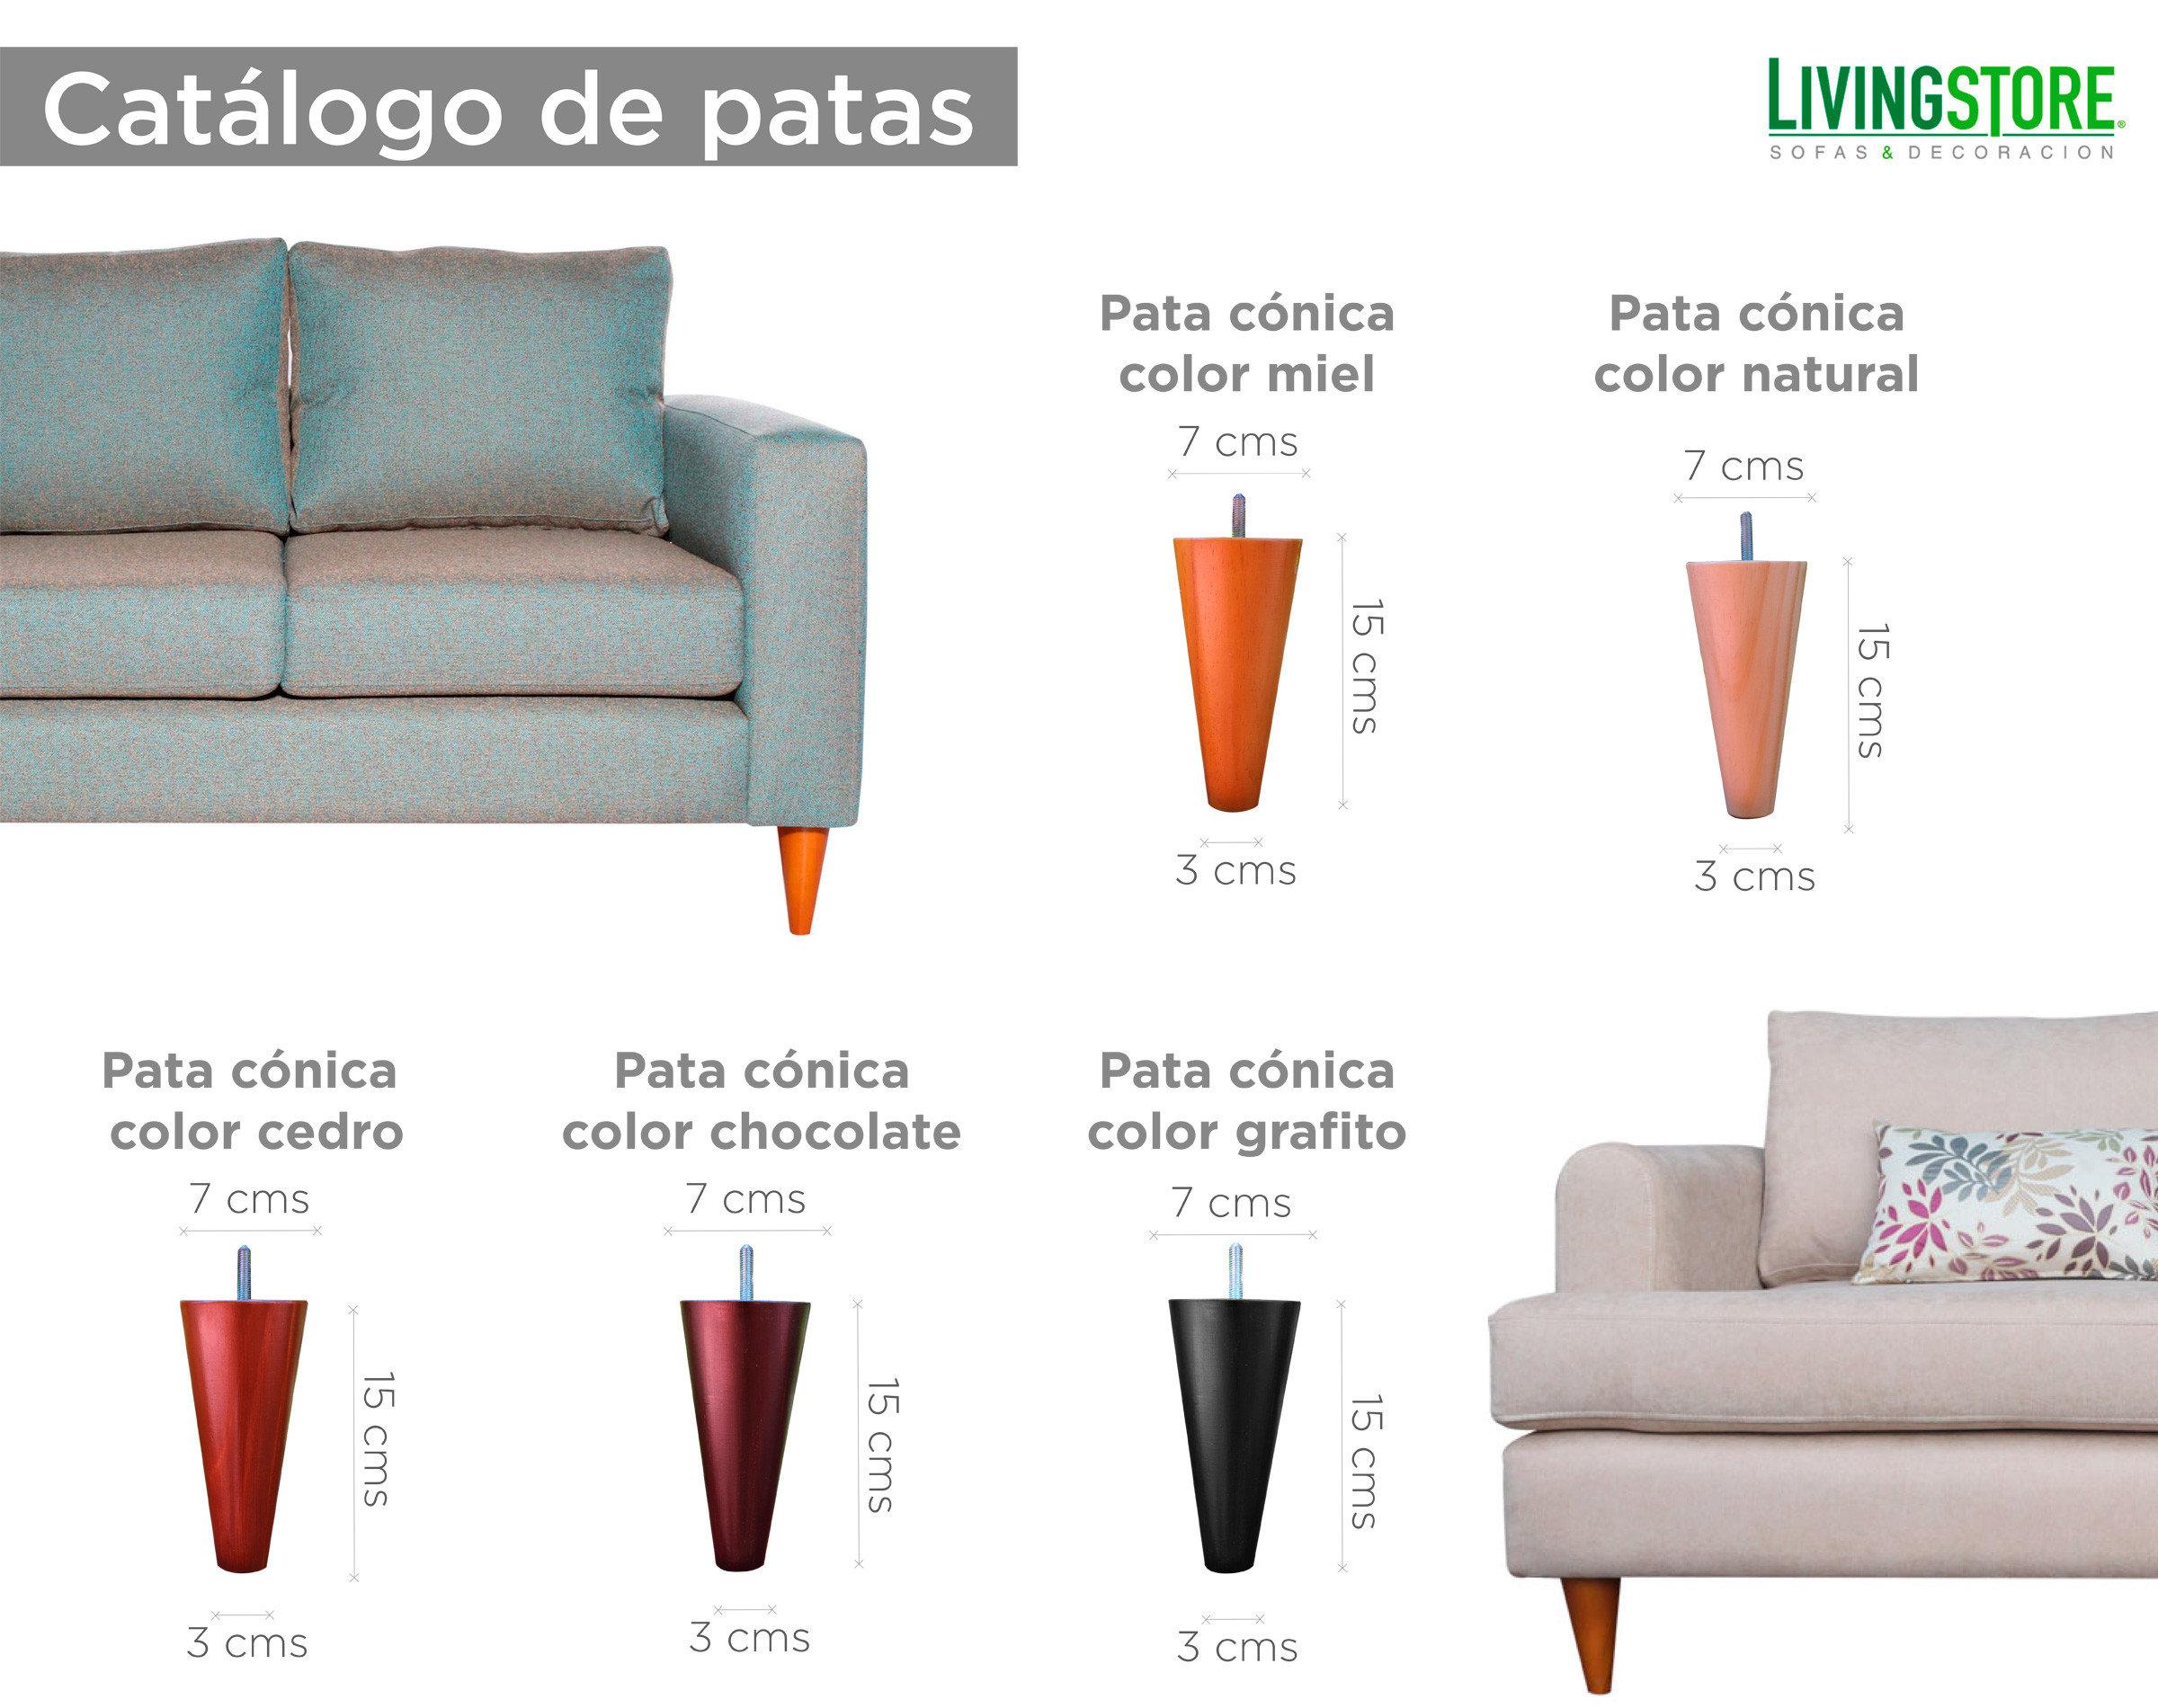 Catalogo patas conicas para sofa